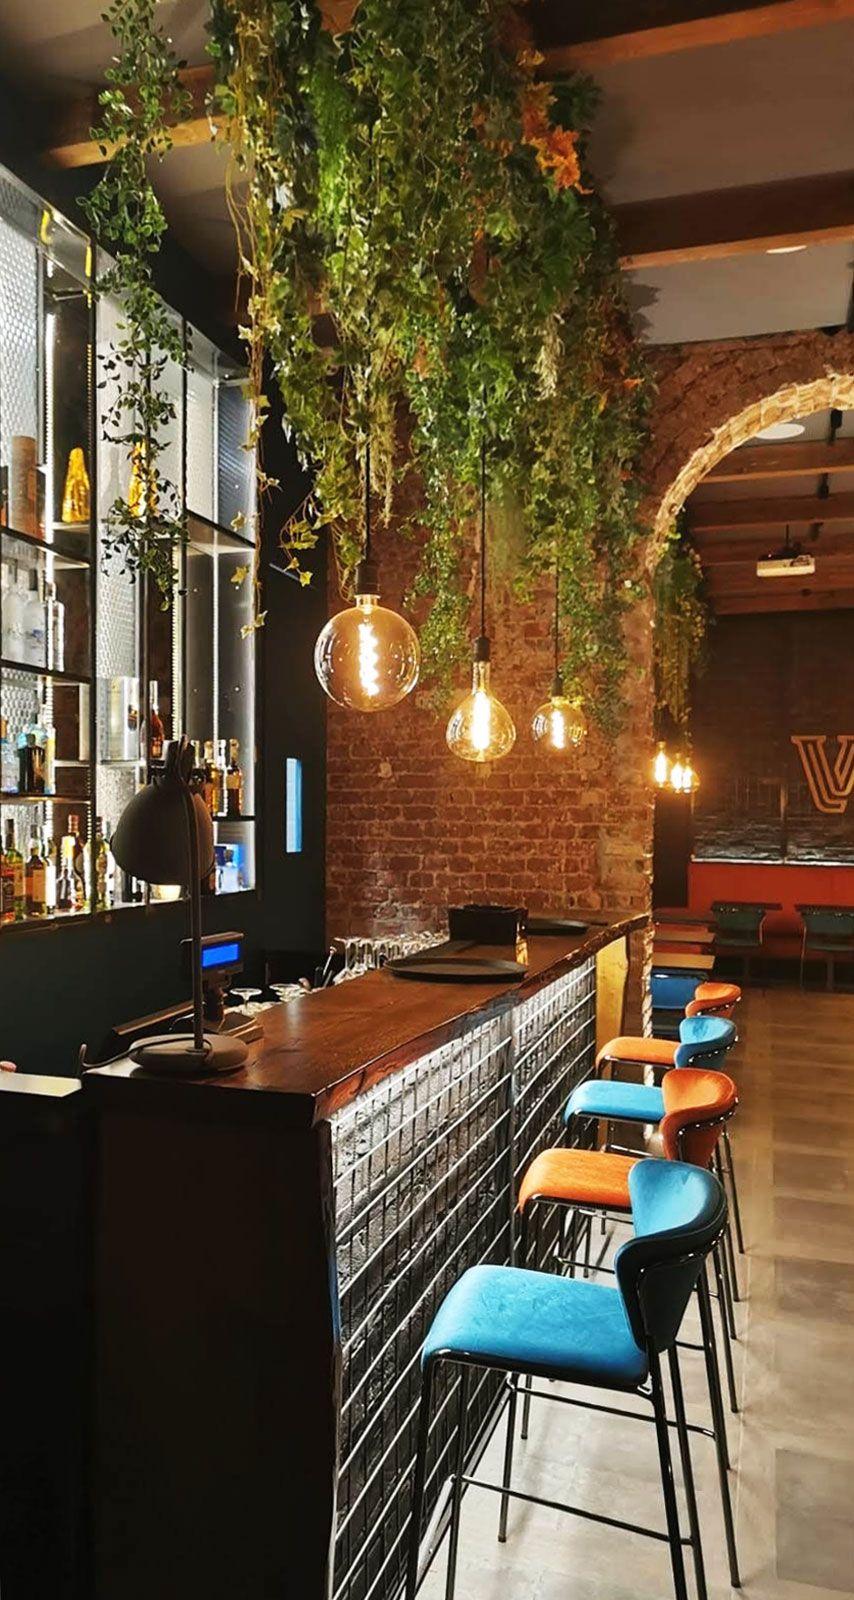 In policarbonato per arredamento bar ristorante pub pizzeria stile moderno. Vinci S Bistrot Milan Italy Design Di Interni Caffetteria Design Per Interni Ristorante Design Caffetteria